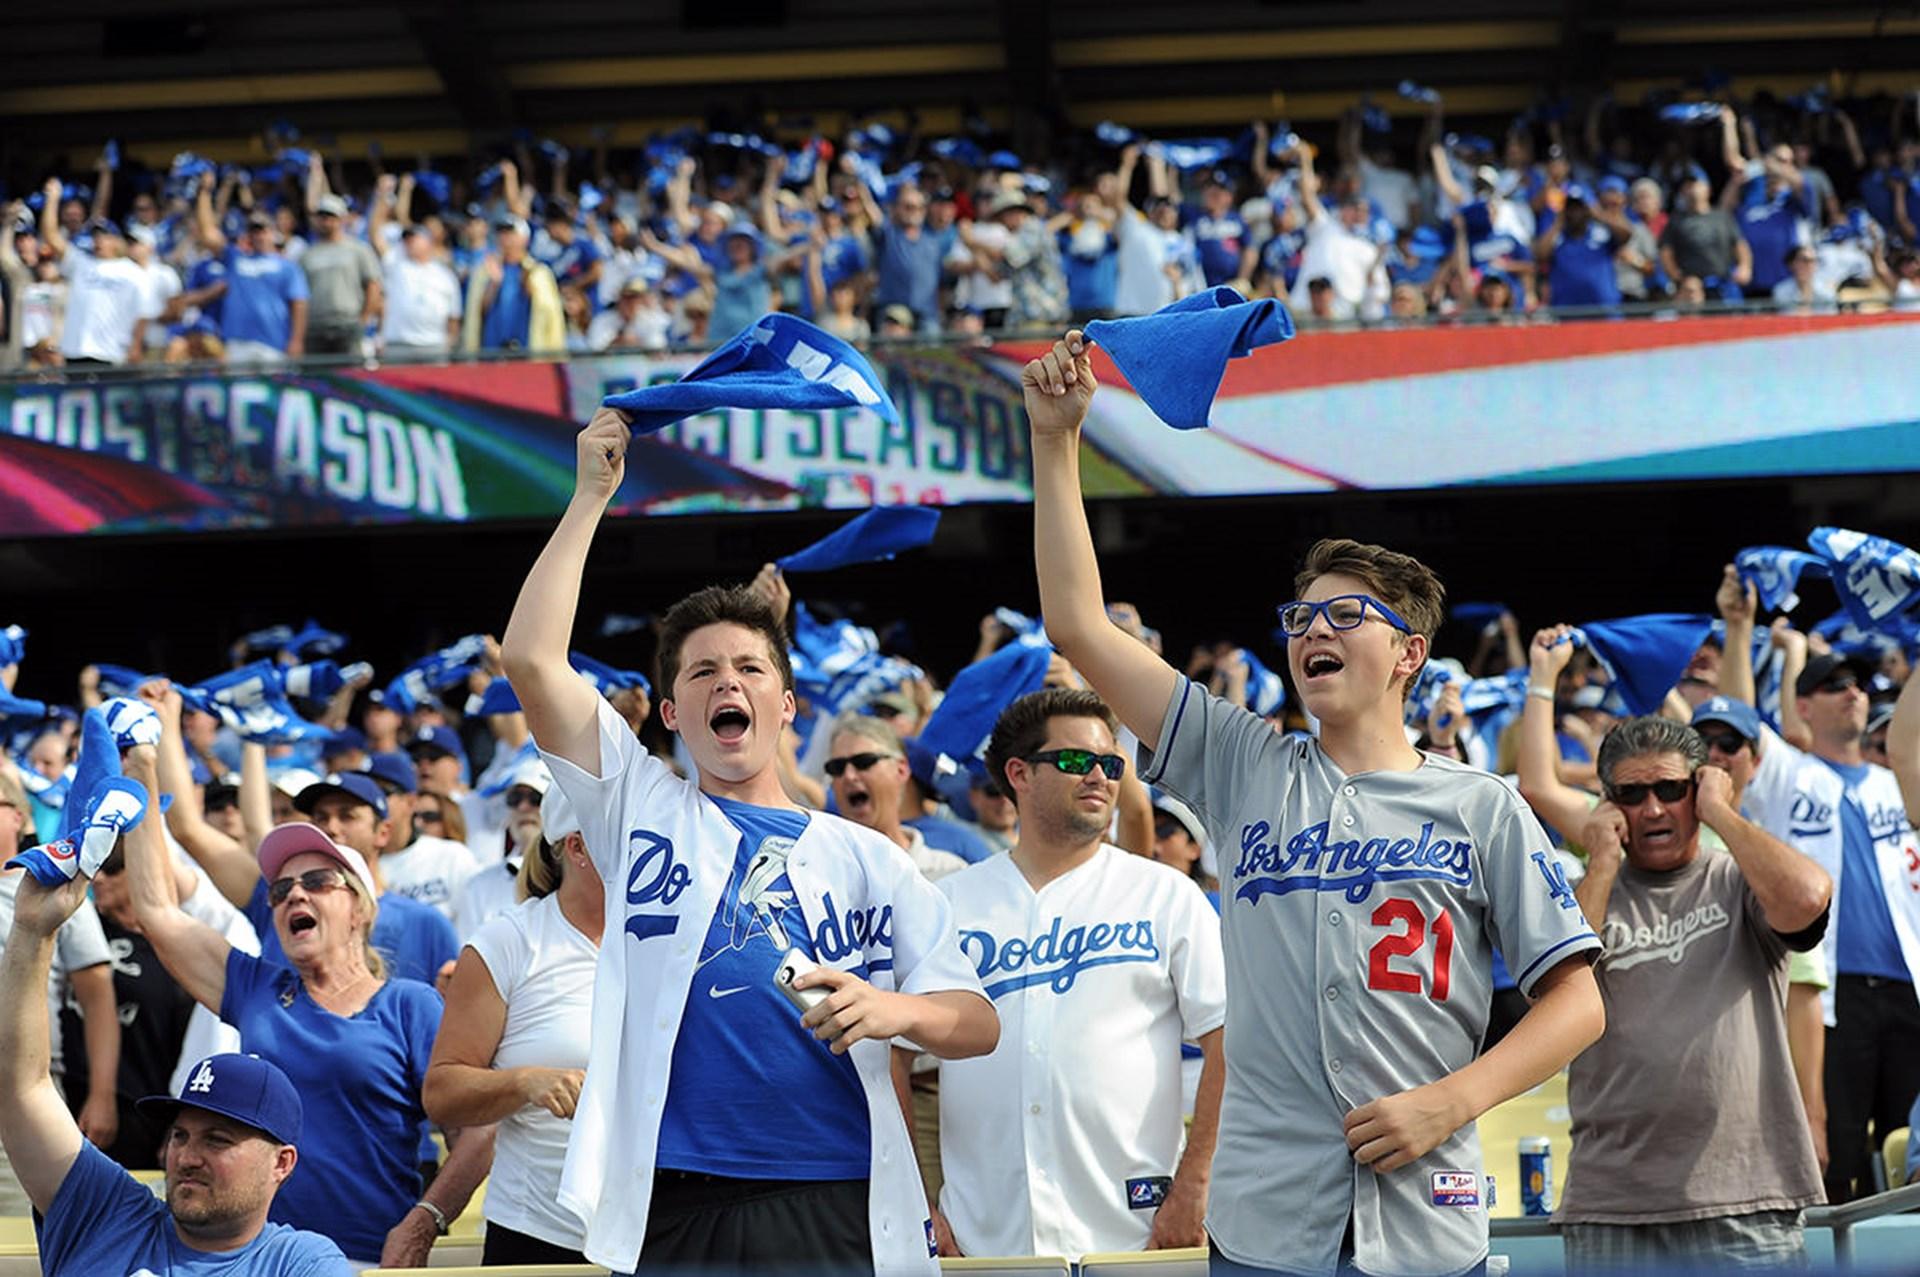 Con este cambio, los fanáticos de Dodgers deben exigir sí o sí el título al equipo.